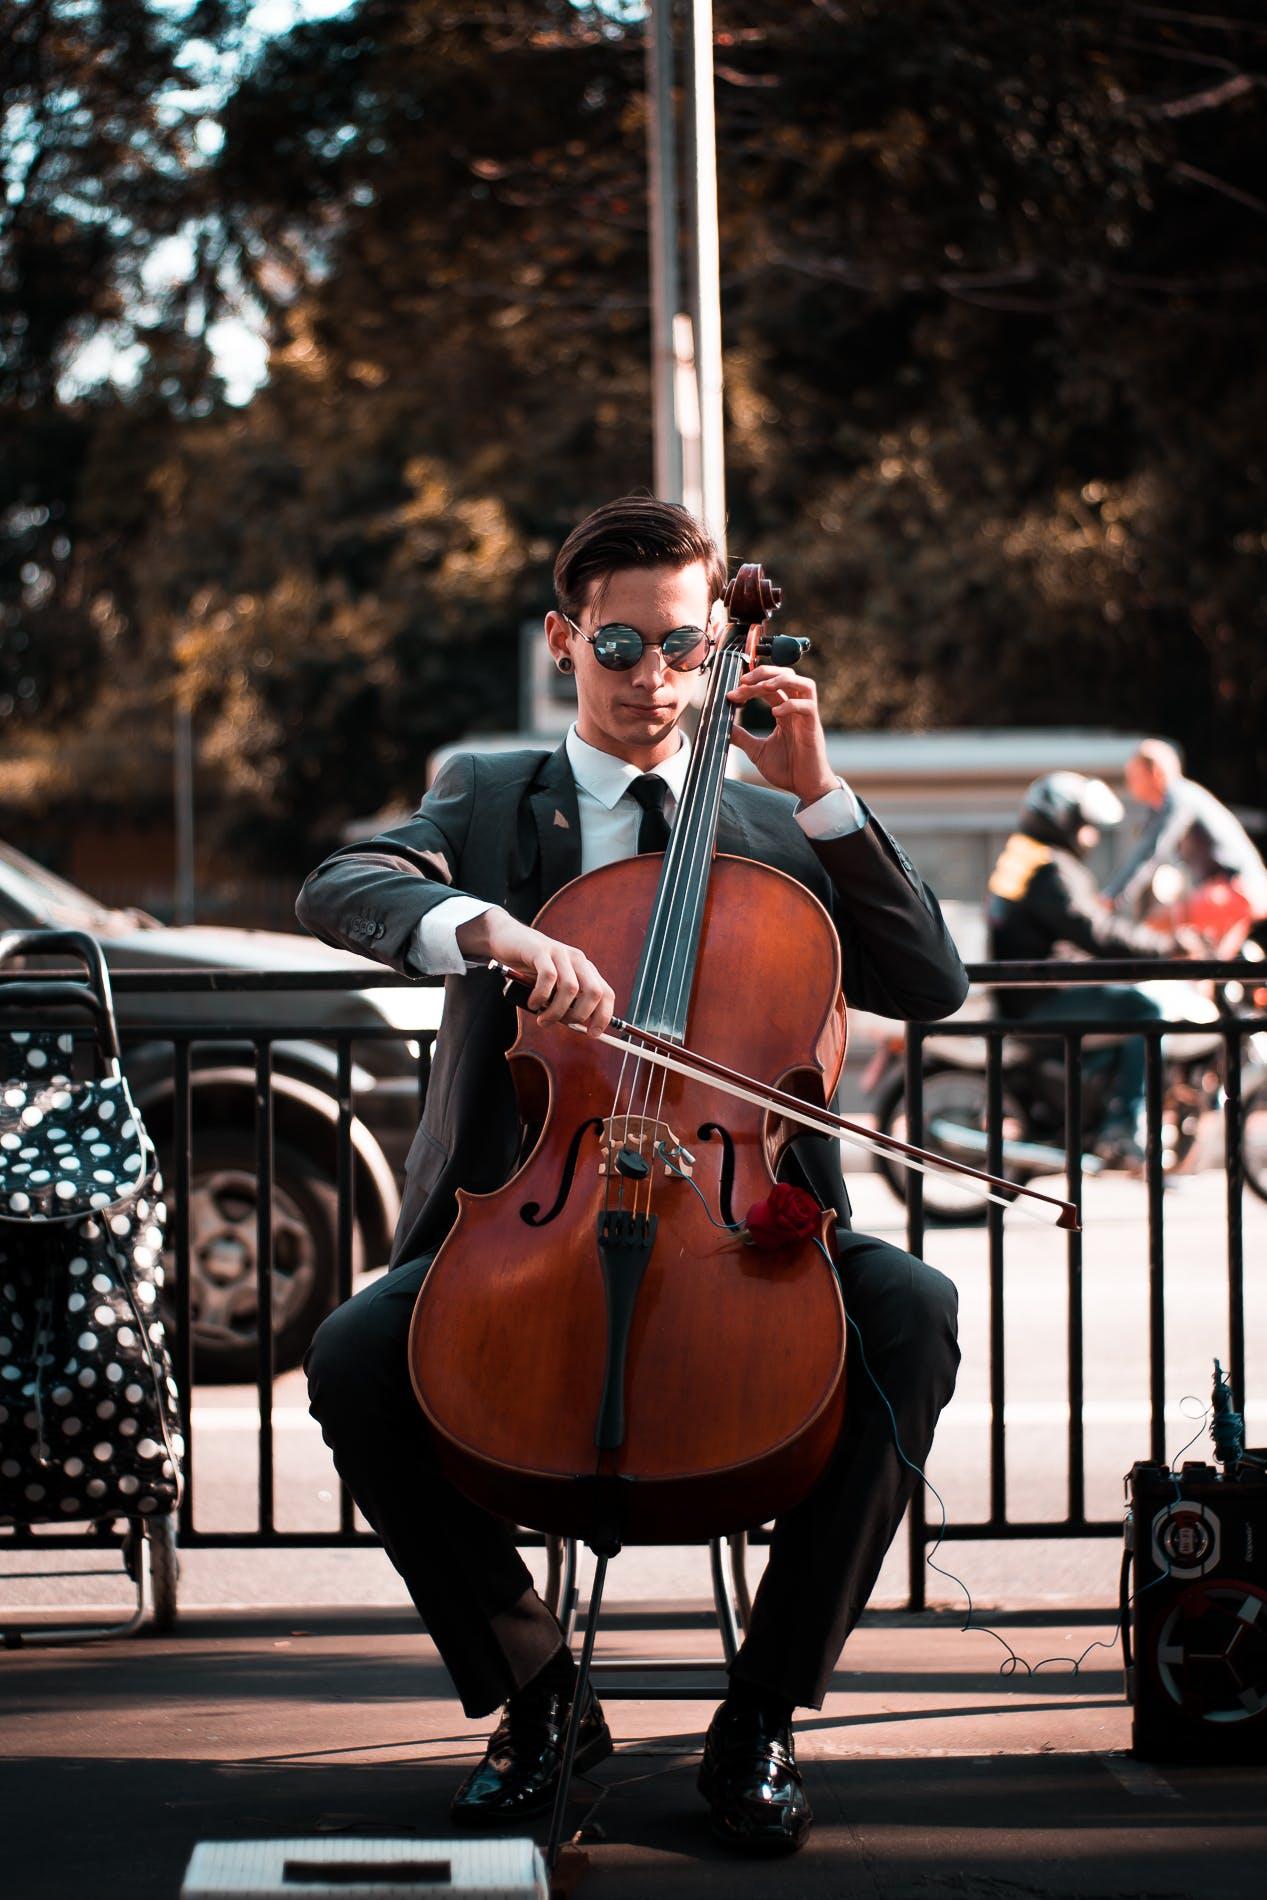 거리 공연가, 거리 음악가, 격식 있는 코트, 공연의 무료 스톡 사진